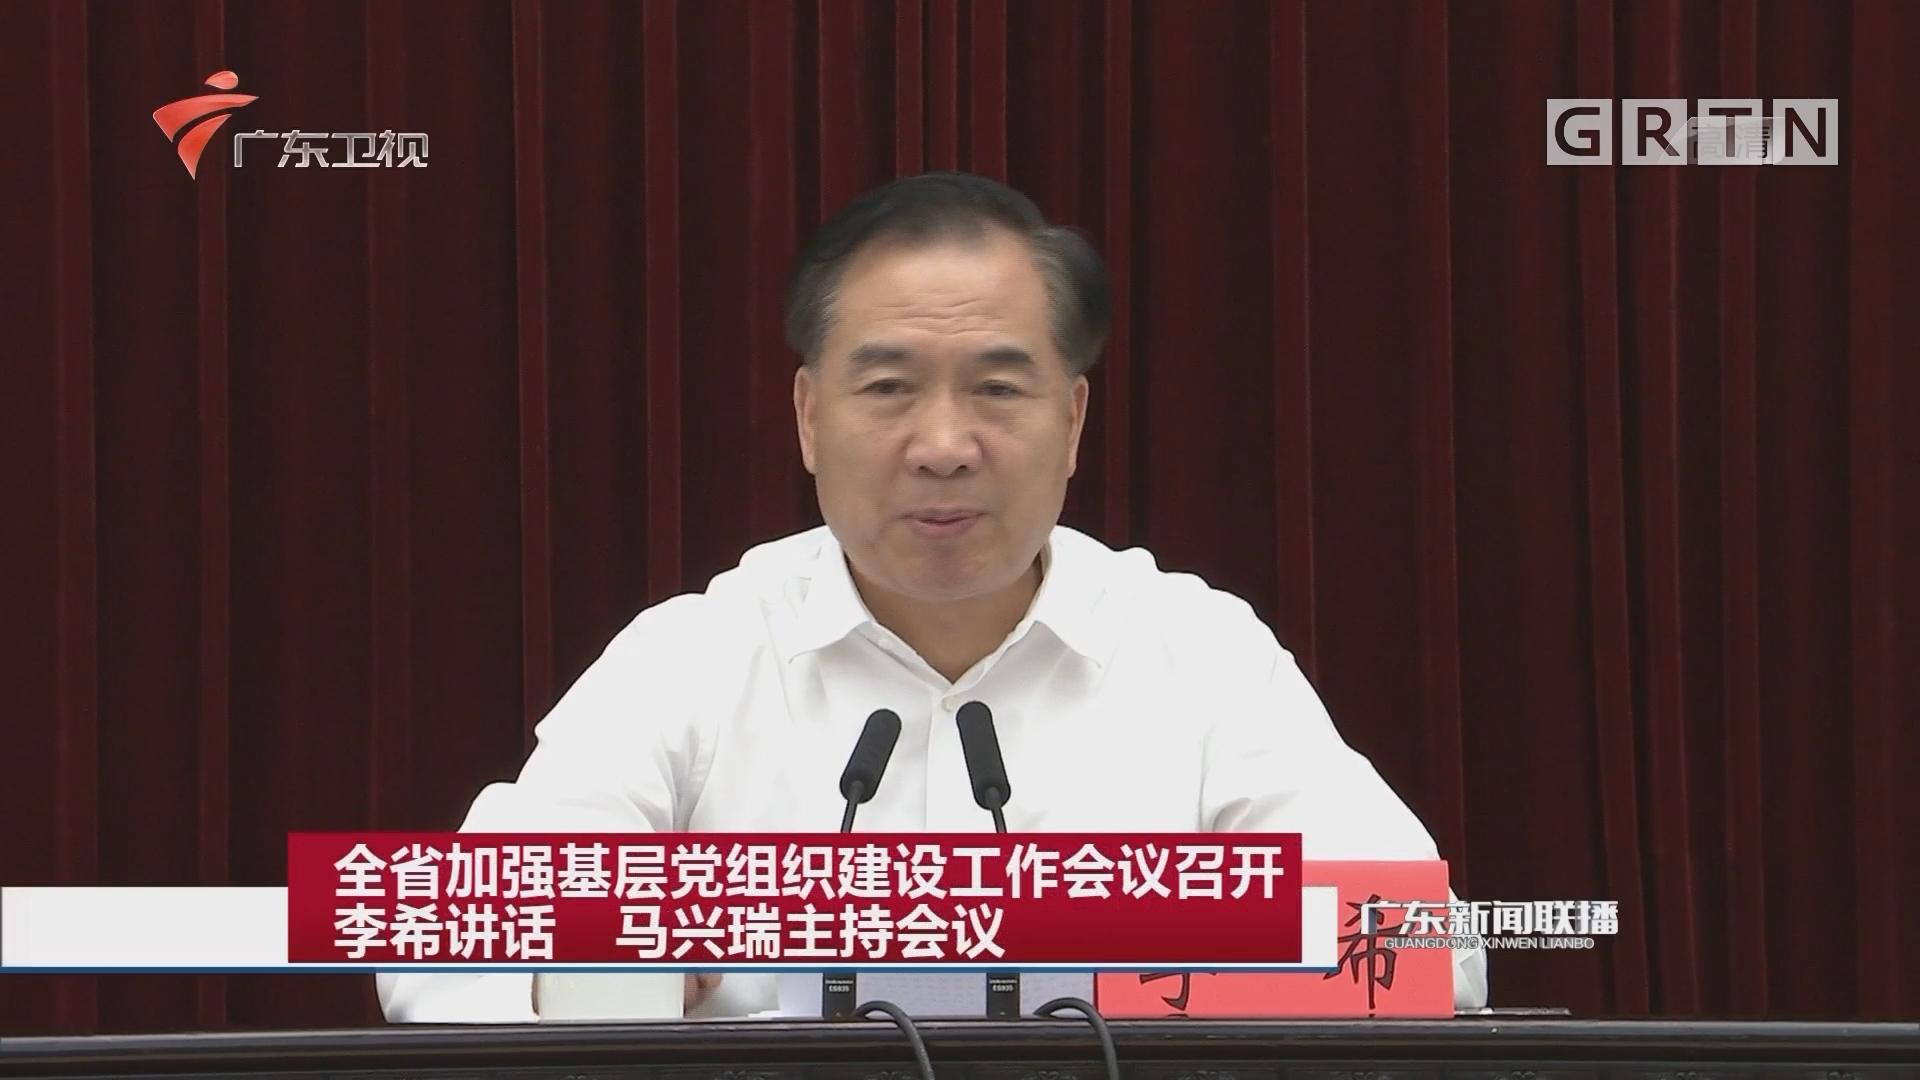 全省加强基层党组织建设工作会议召开 李希讲话 马兴瑞主持会议